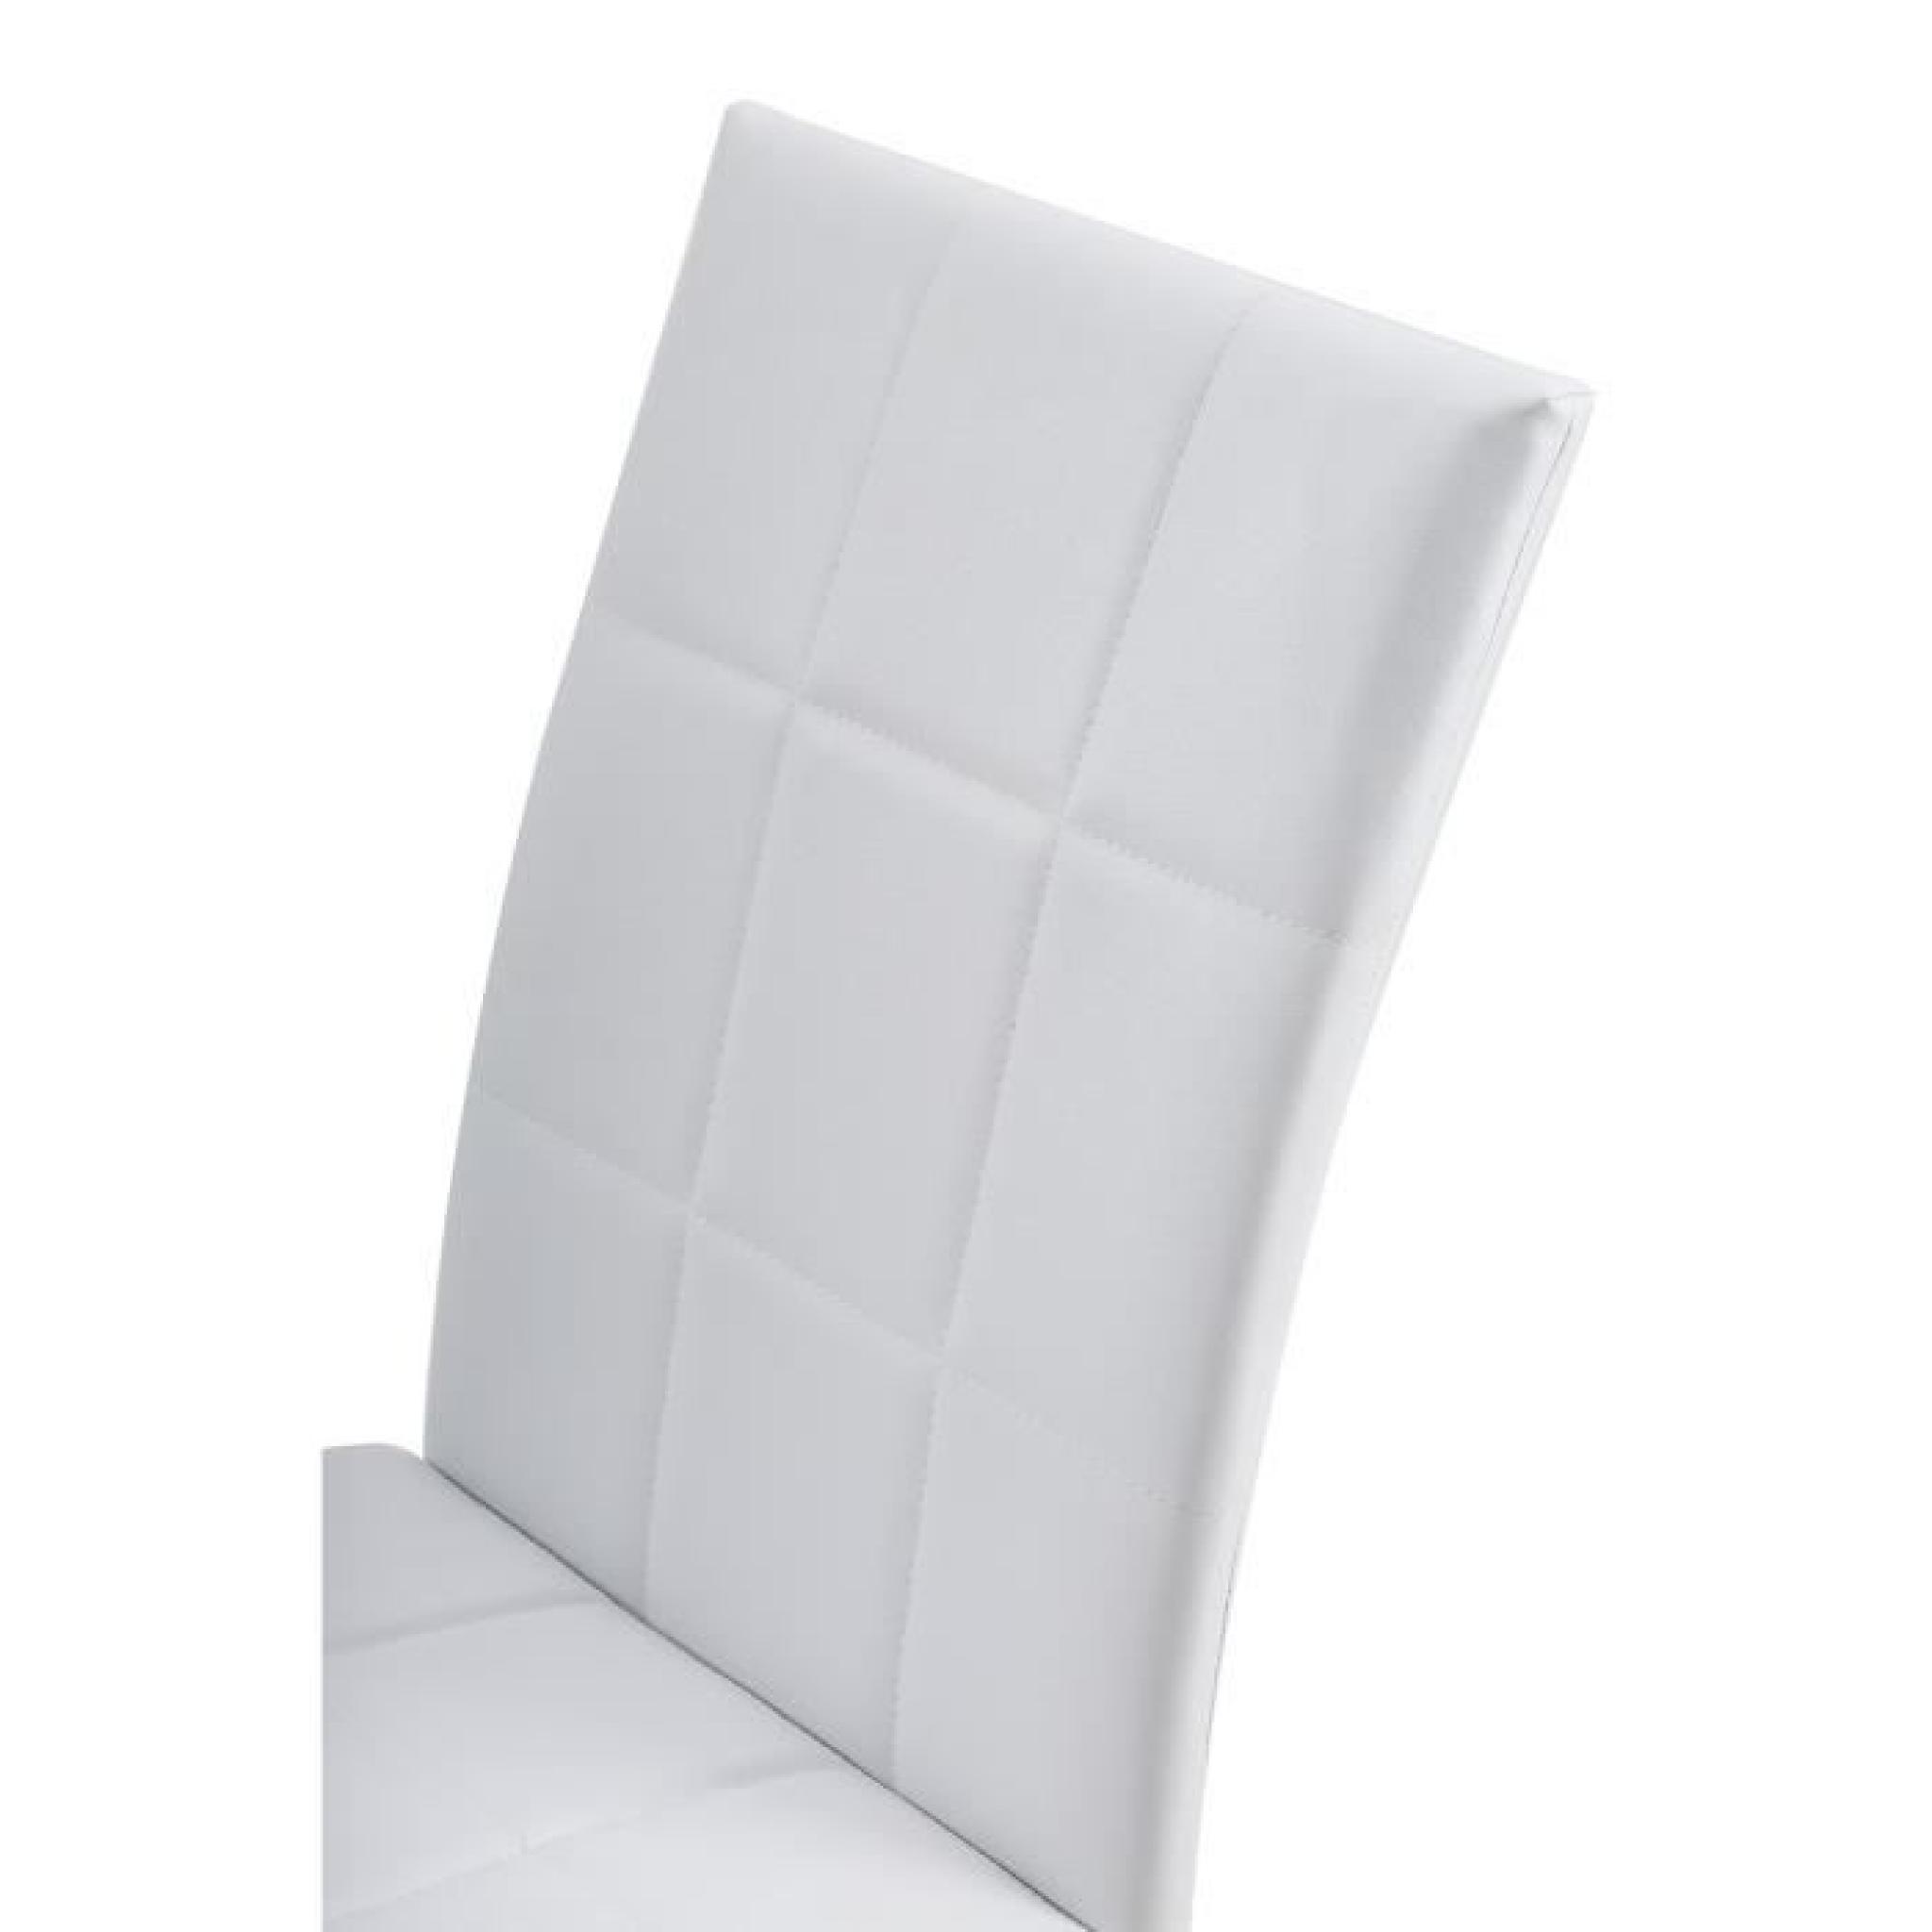 Achat de chaises de salle a manger valdiz for Chaise de salle a manger par 4